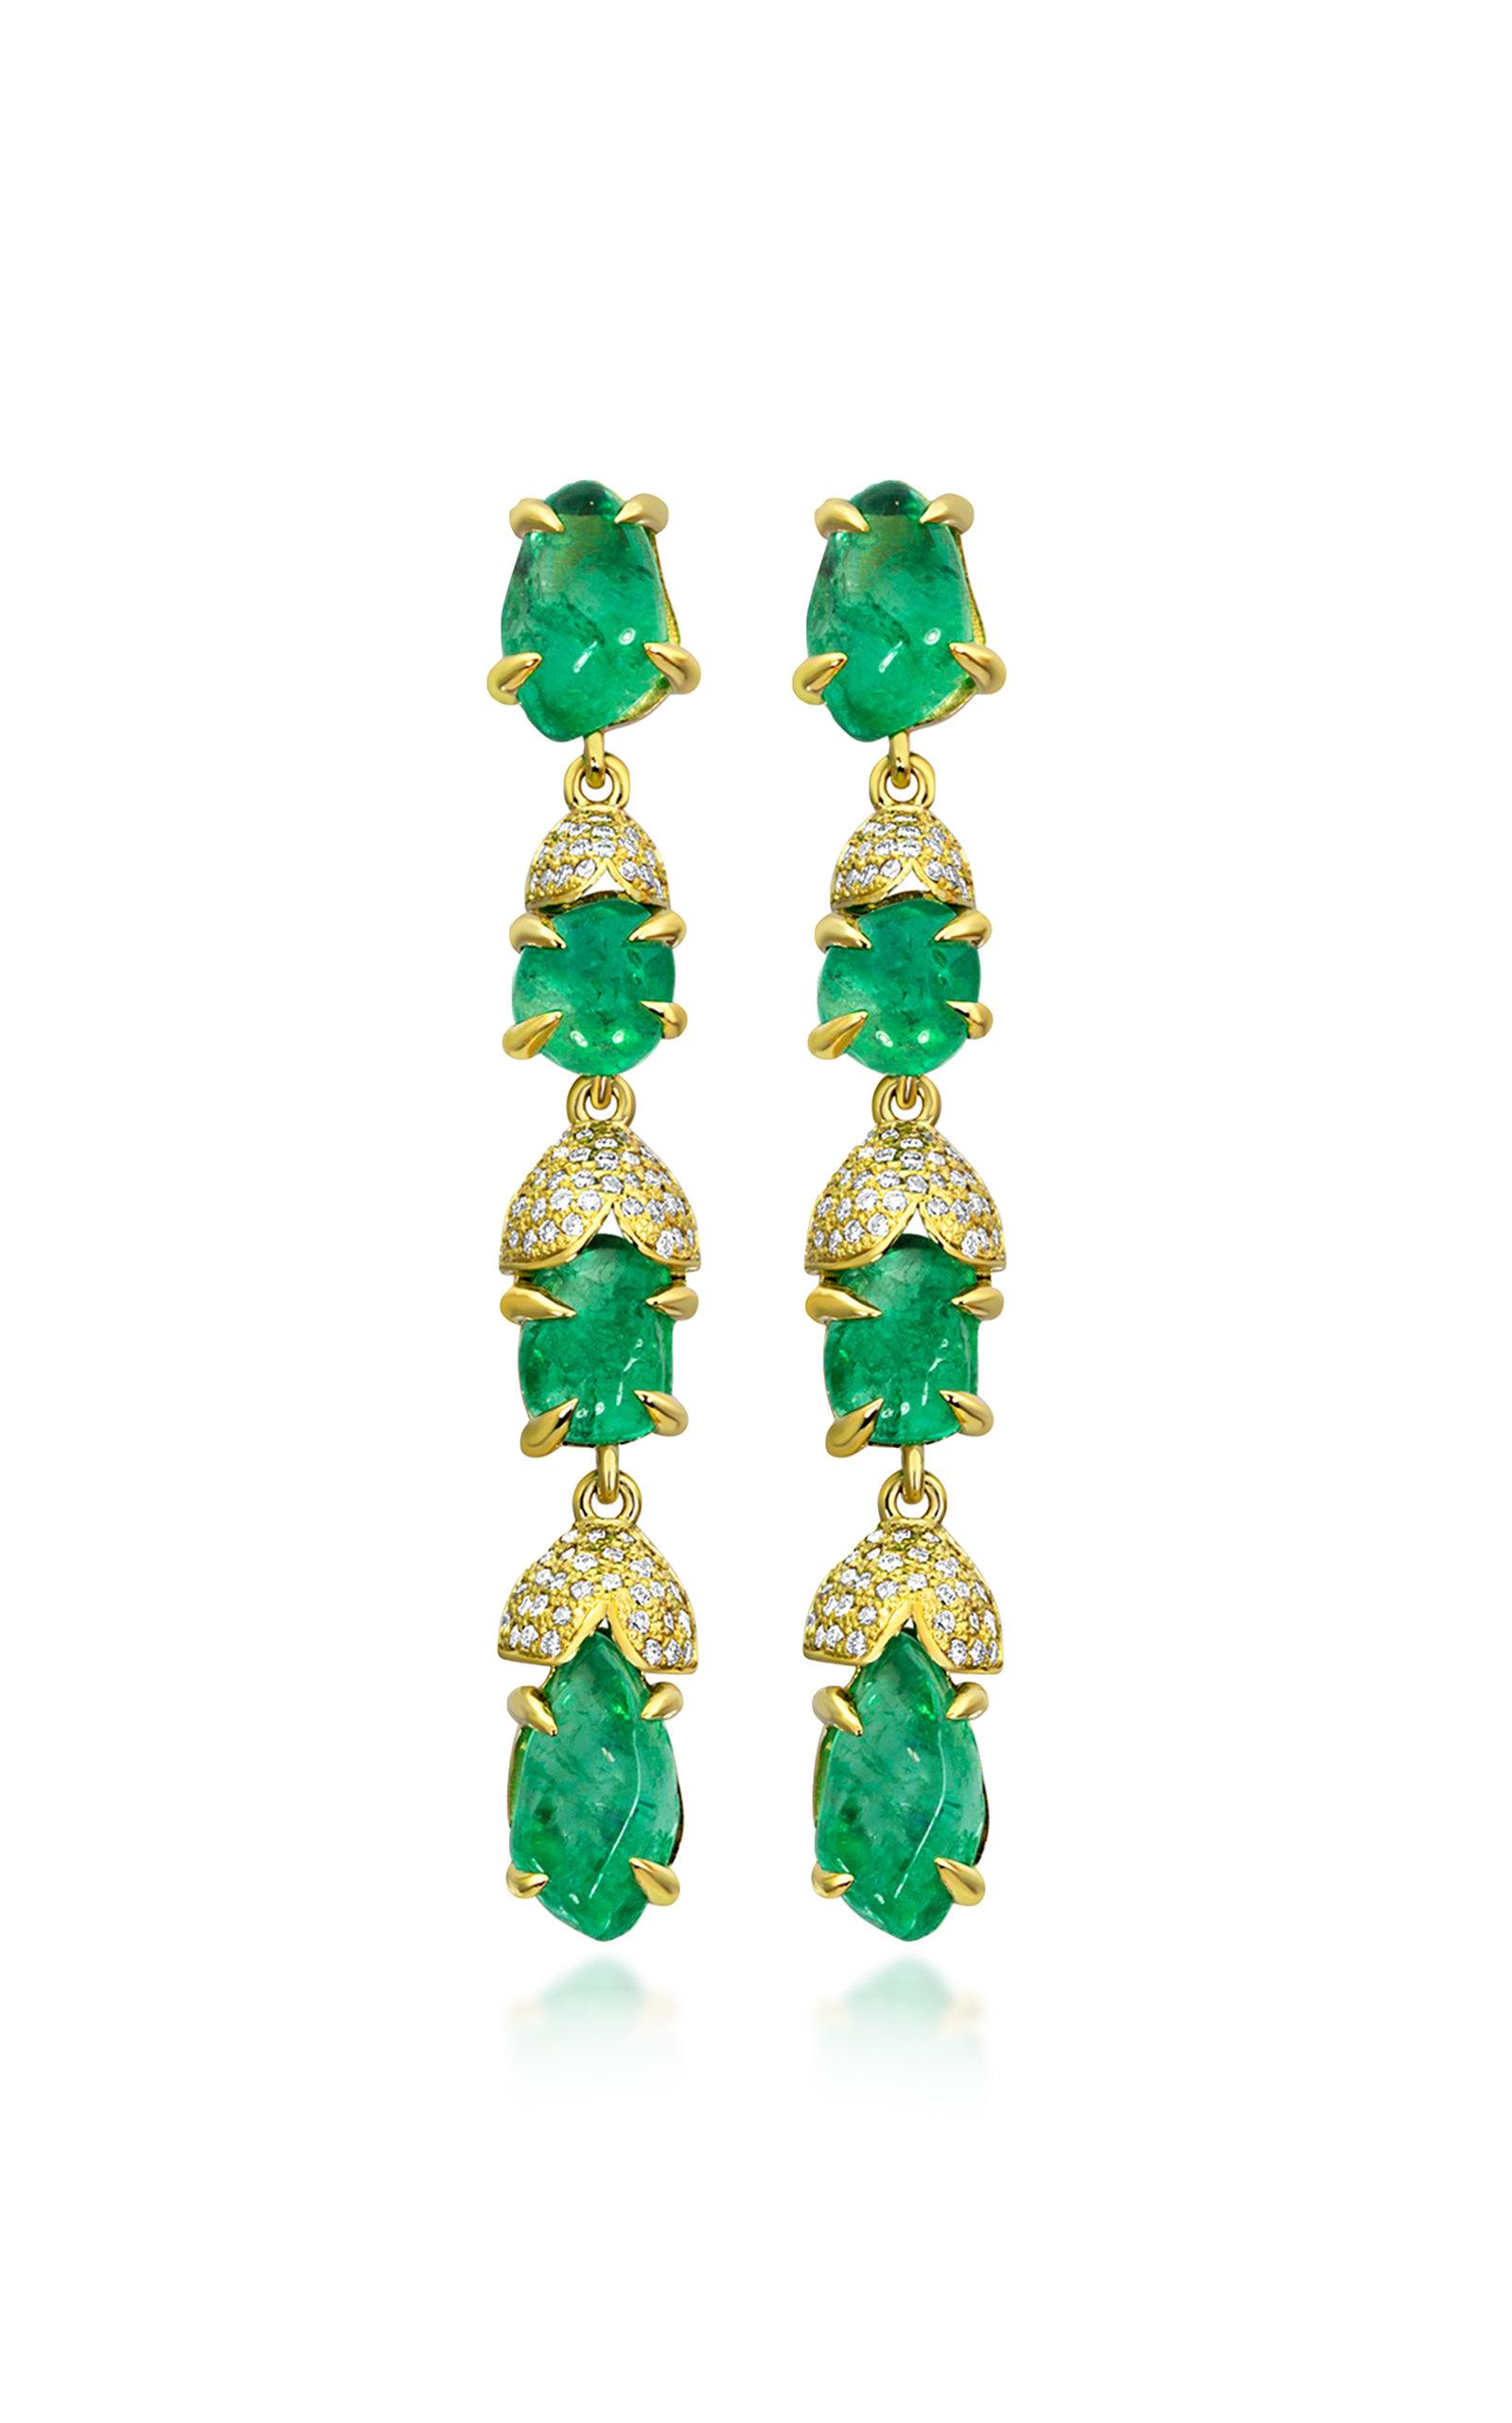 Women's Glacial 18K Yellow Gold Emerald Earrings